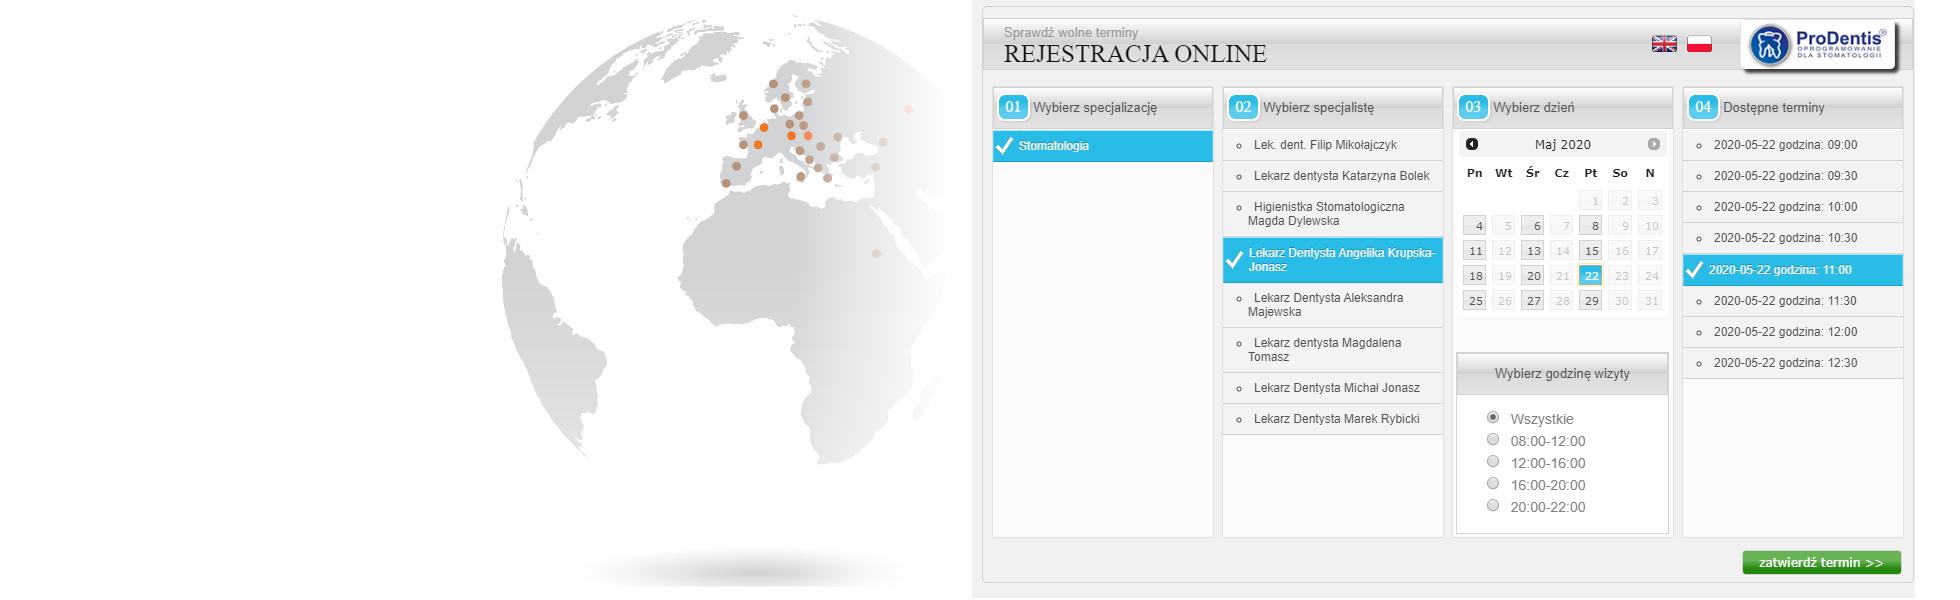 Rejestracja online / Online schedule